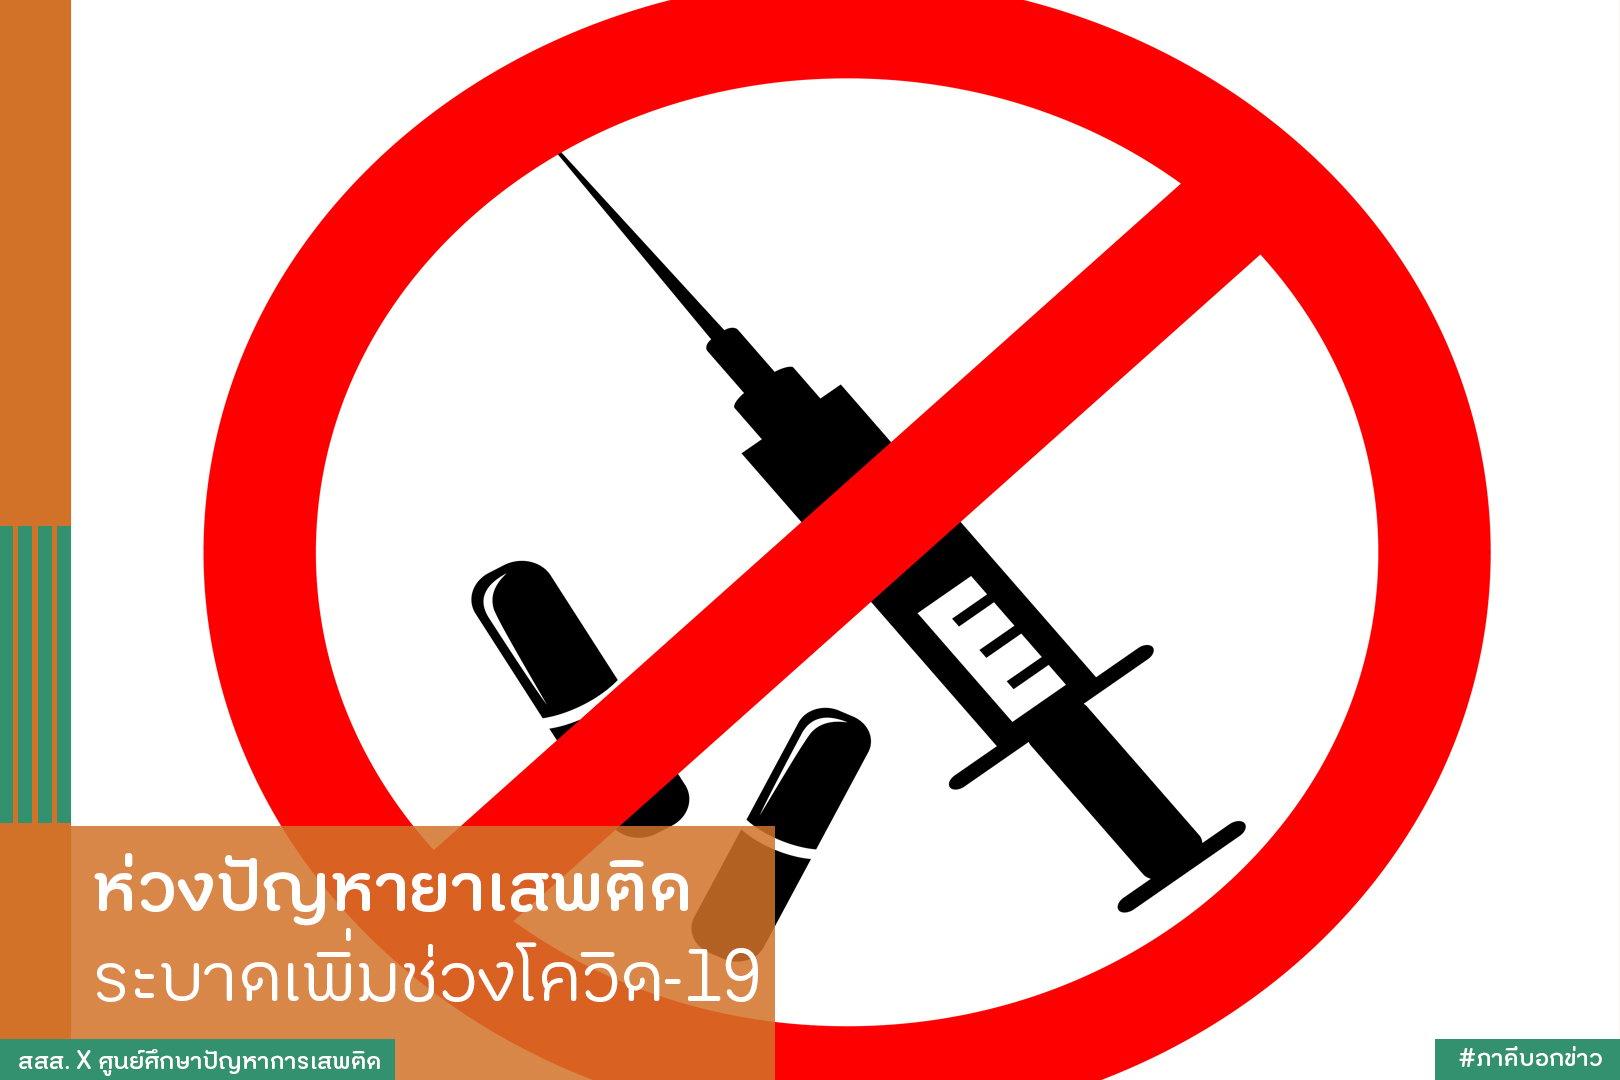 ห่วงปัญหายาเสพติด ระบาดเพิ่มช่วงโควิด-19 thaihealth